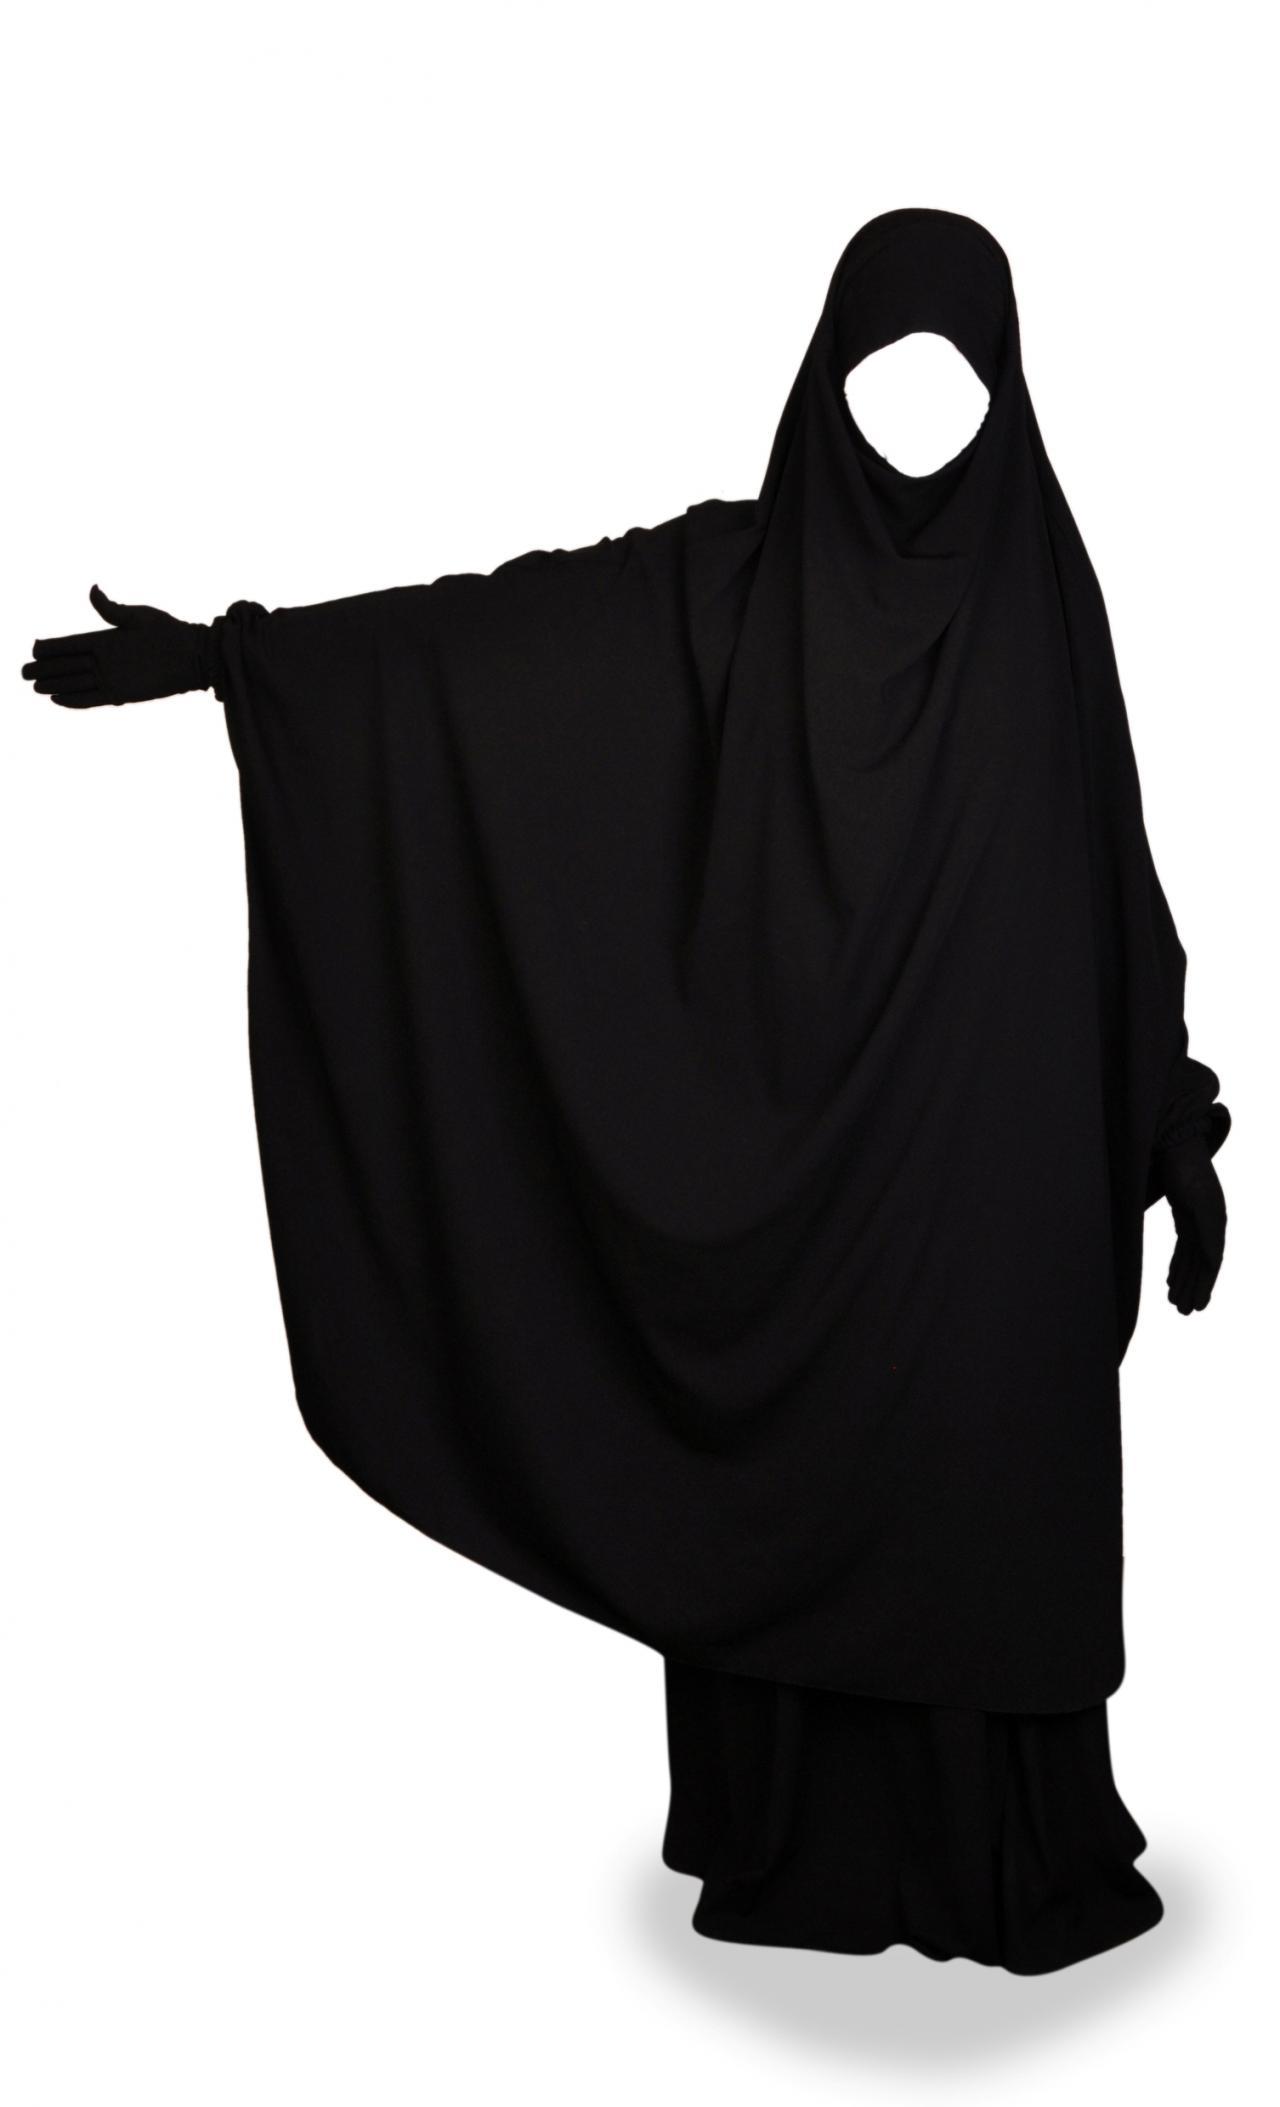 صورة تفسير حلم لبس العباءة السوداء للحامل , تفسير رؤية بس عباية سوداء للحامل